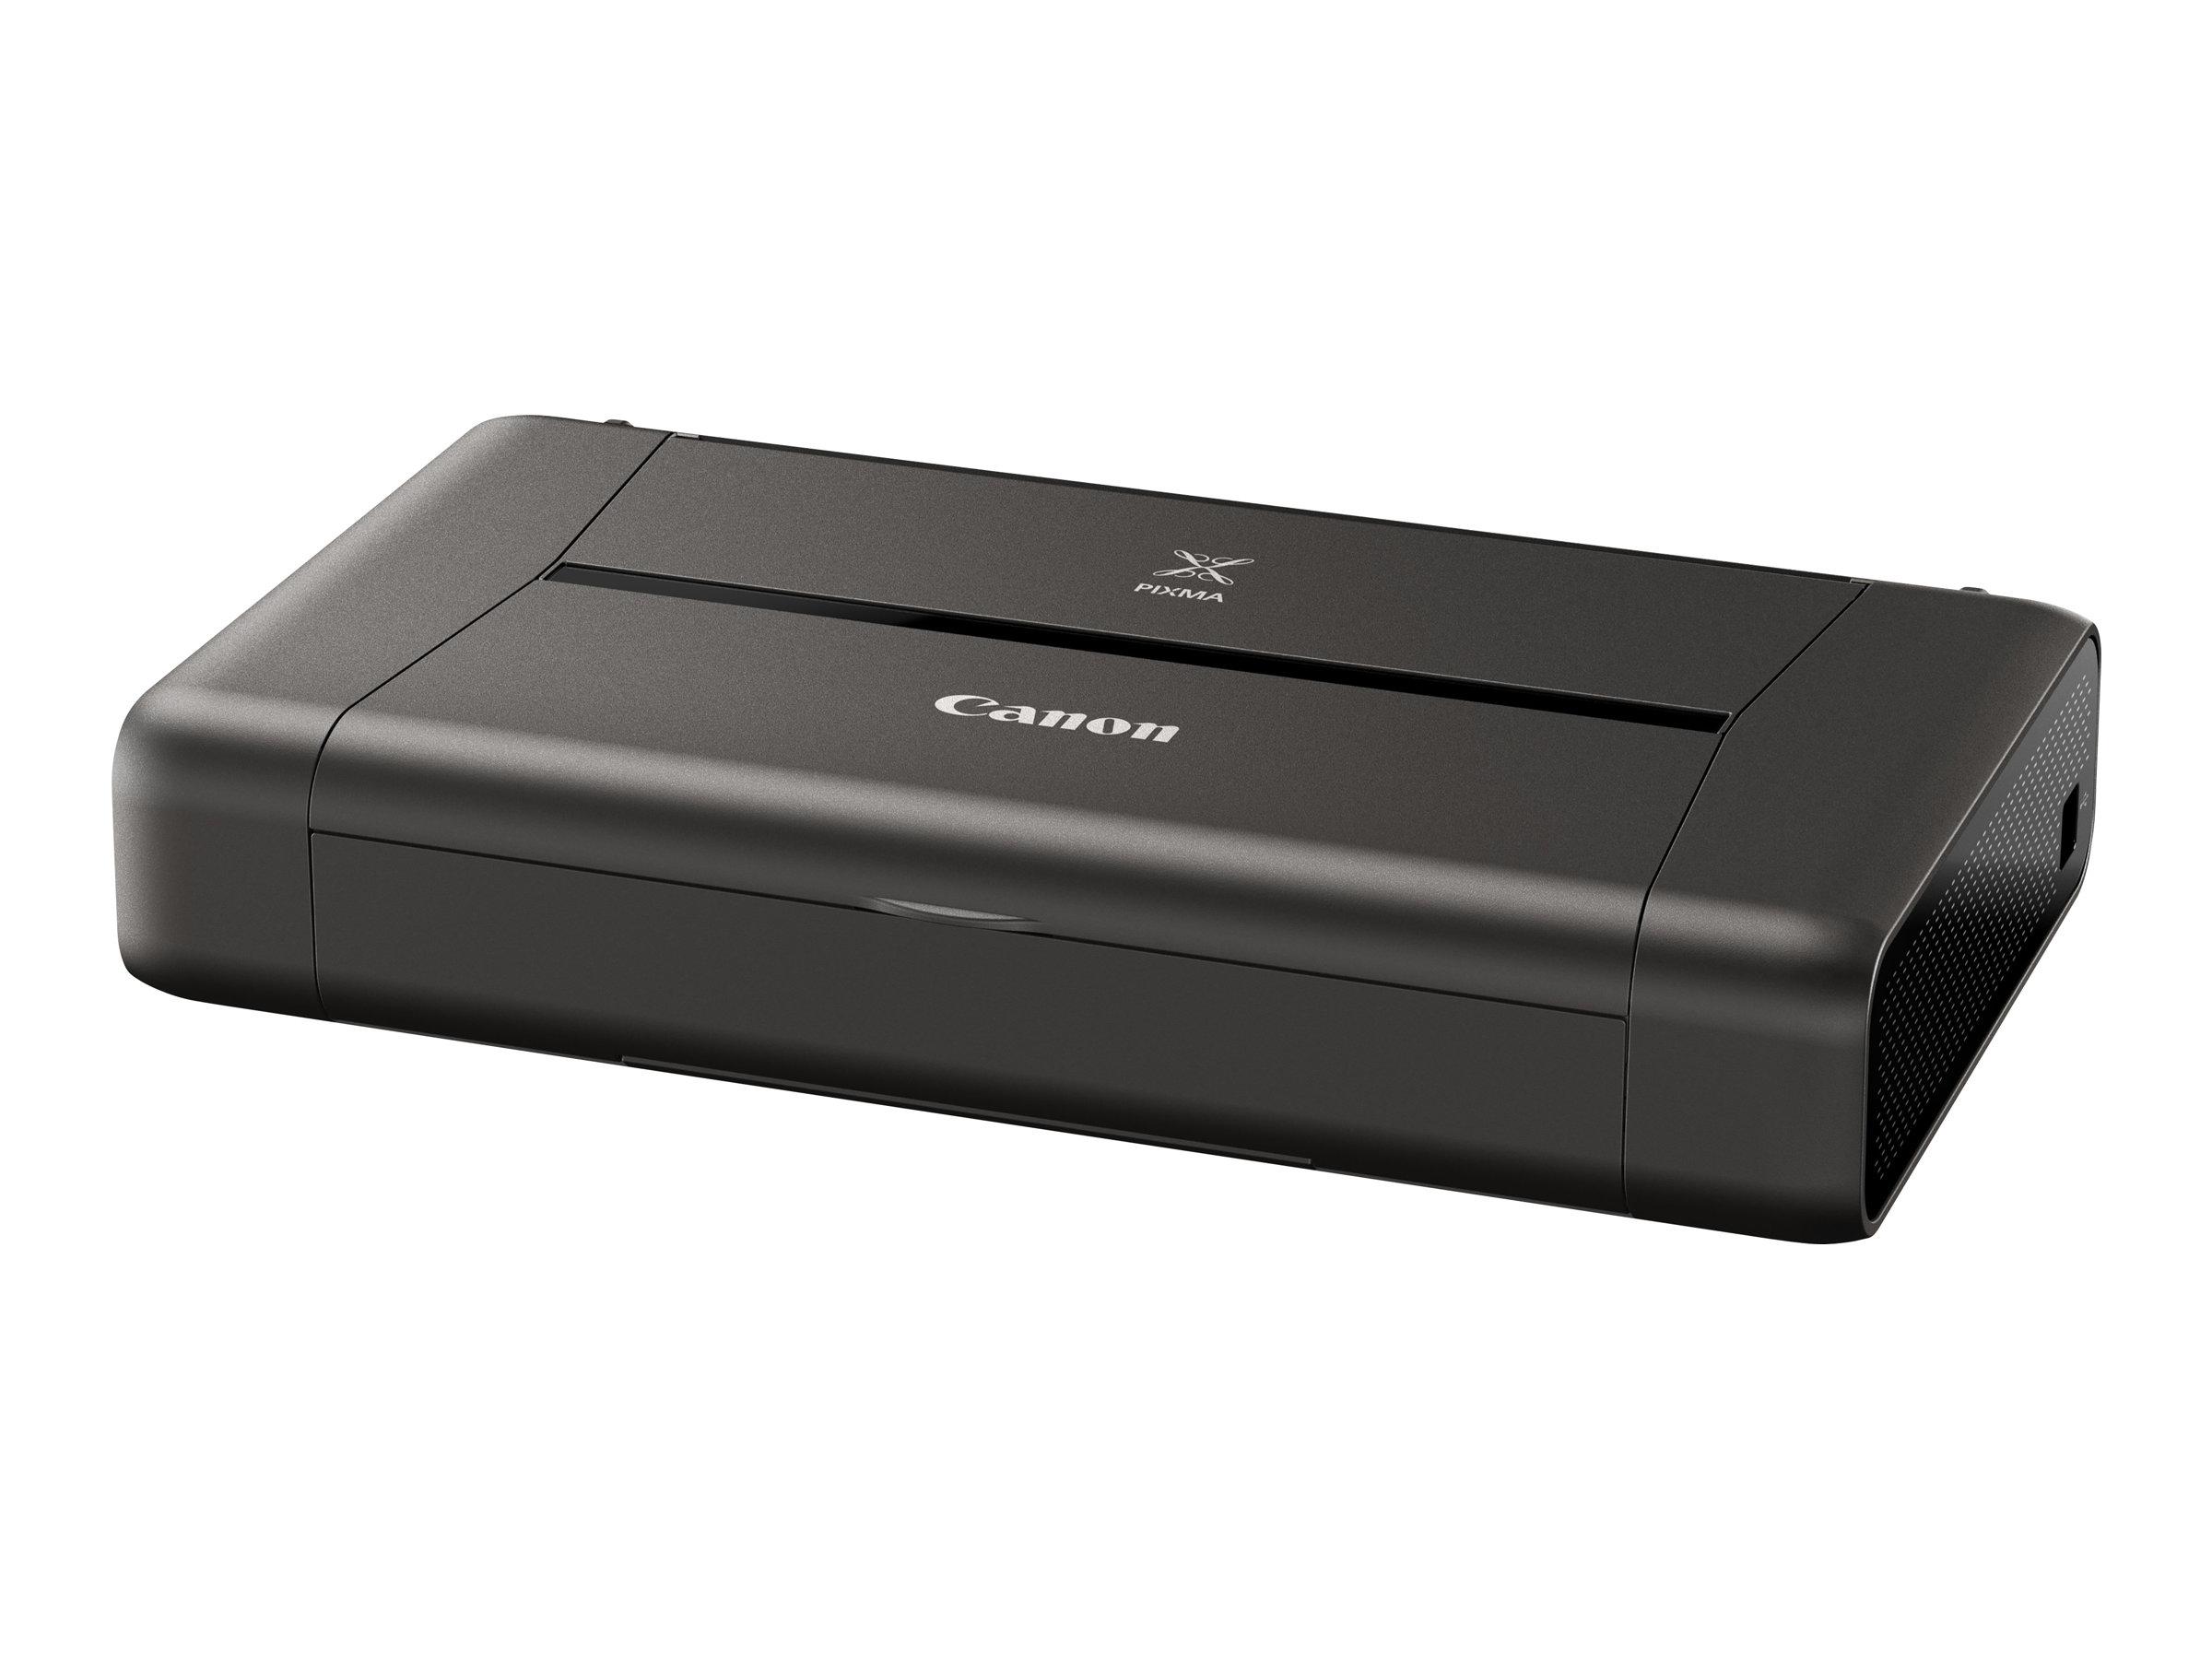 Canon PIXMA iP110 - Drucker - Farbe - Tintenstrahl - A4/Legal - bis zu 9 ipm (einfarbig)/